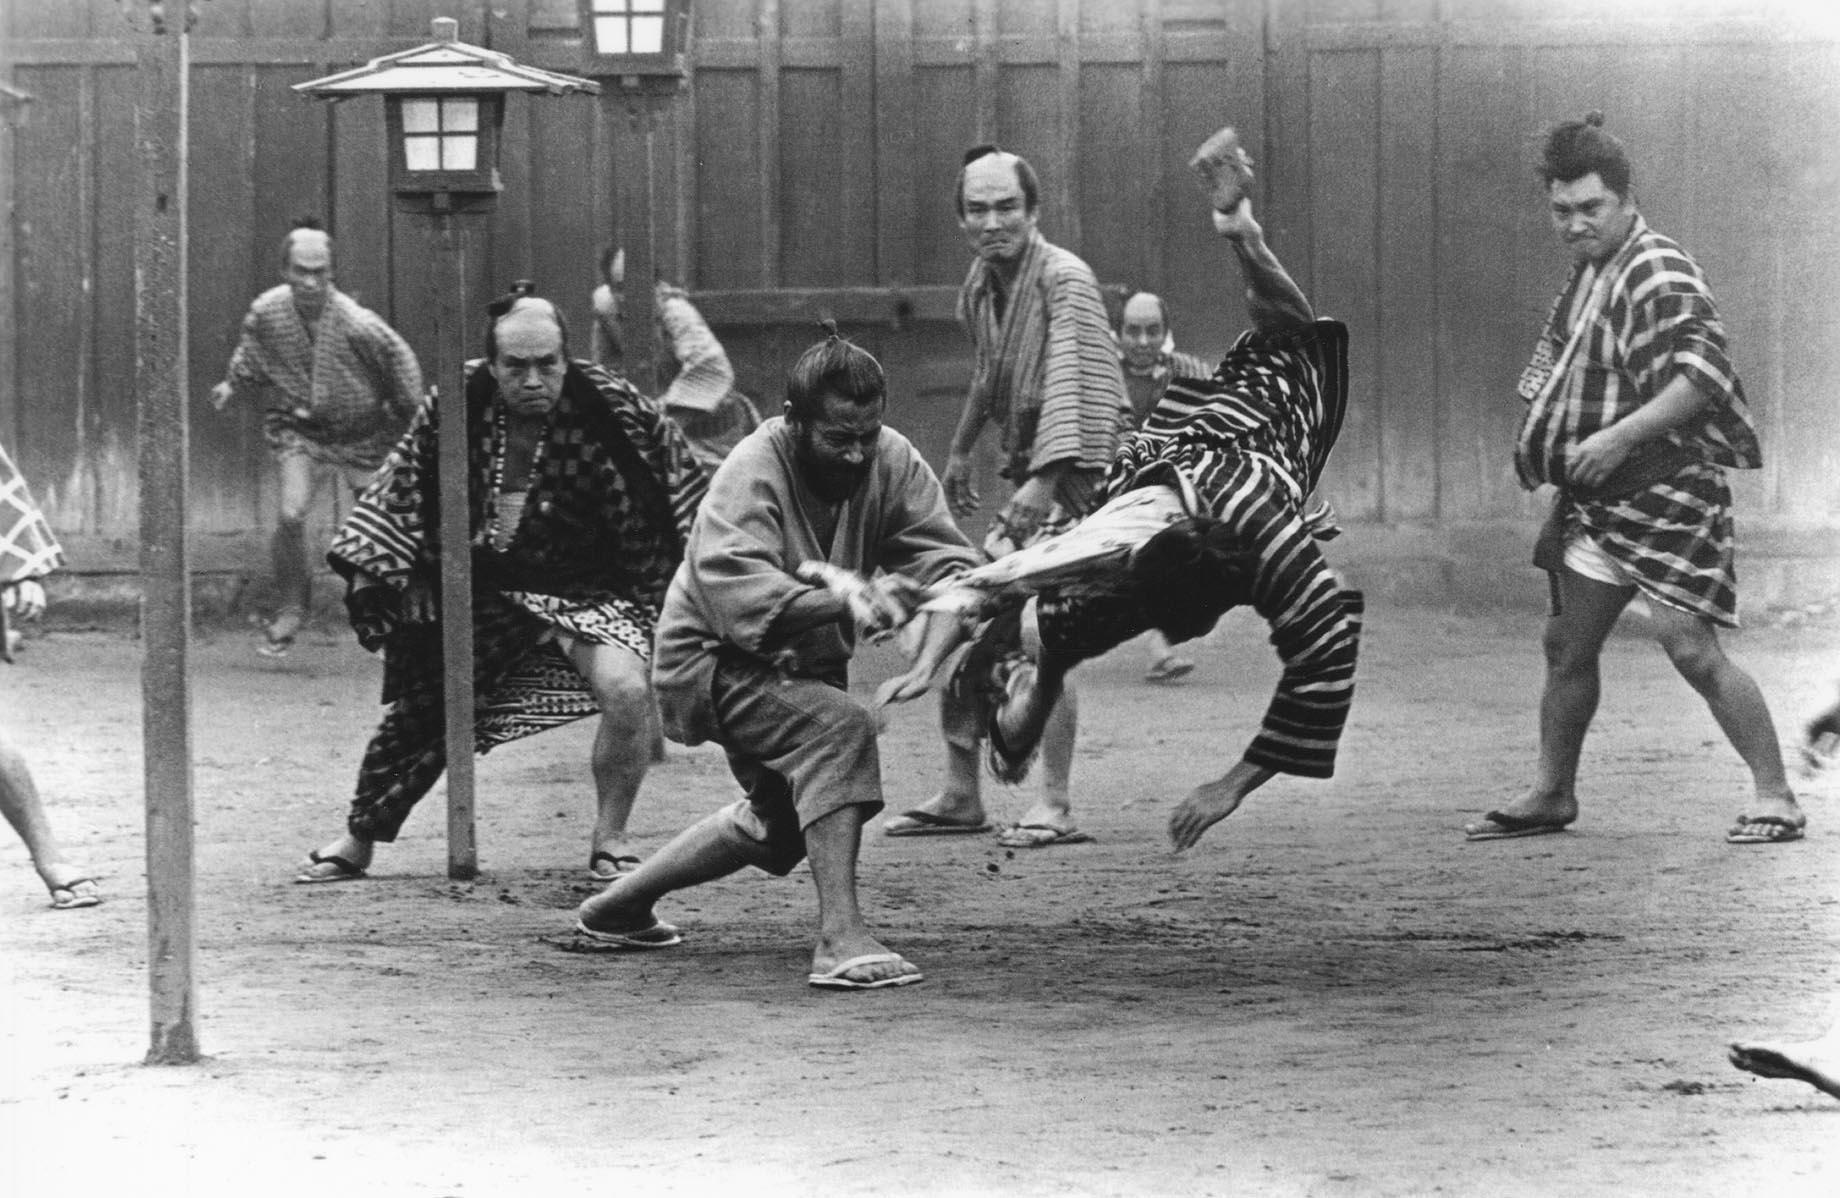 Sete filmes de Akira Kurosawa vão ser exibidos nos cinemas. Cinco são inéditos comercialmente em Portugal